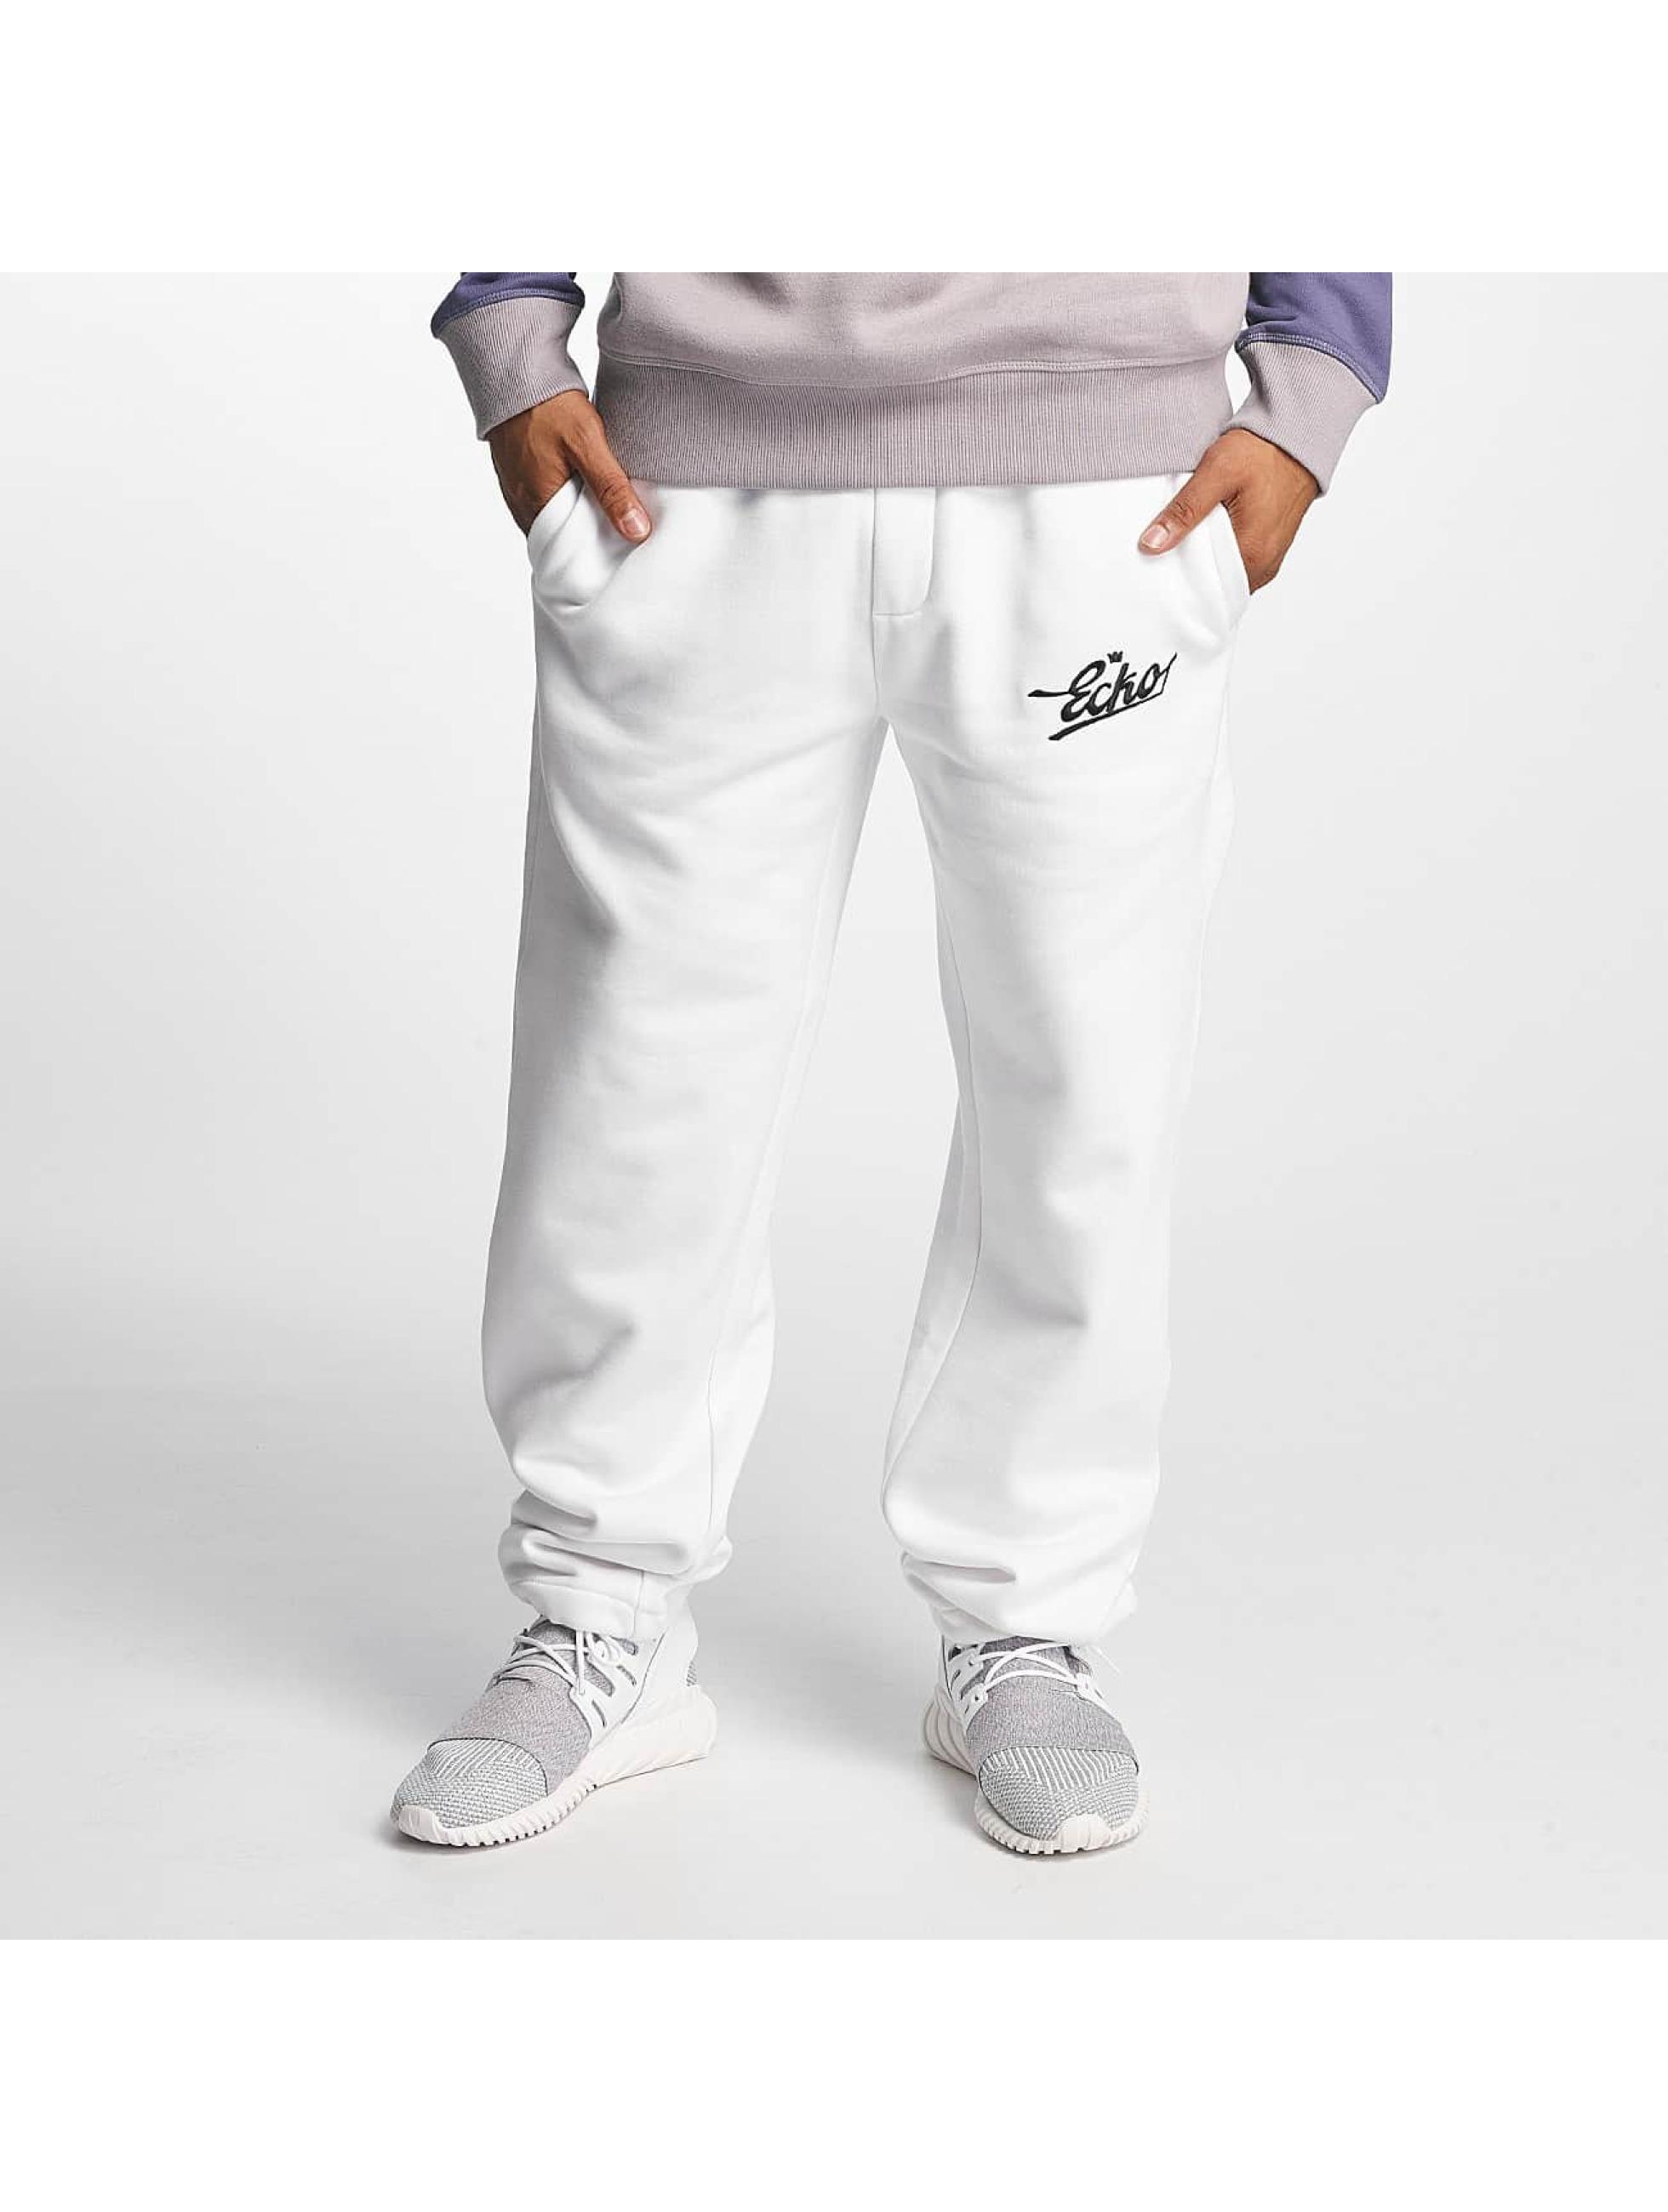 Ecko Unltd. / Sweat Pant Gordon`s Bay in white XL